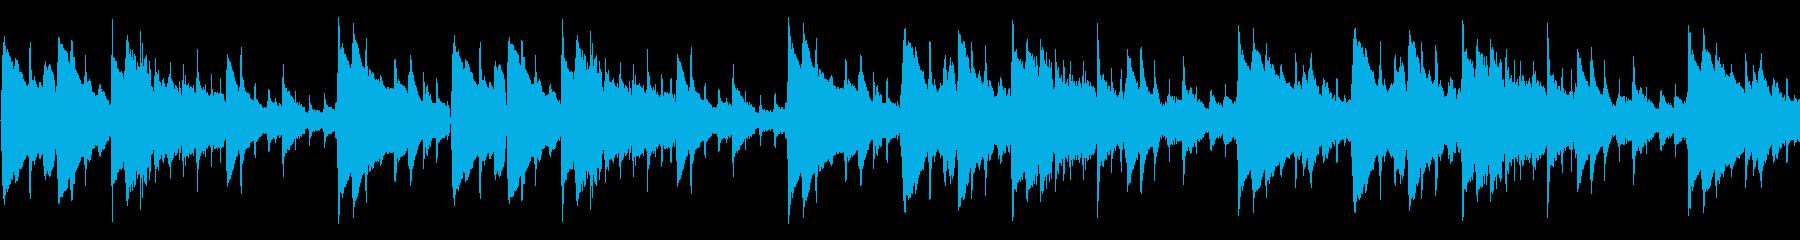 爽やかなアコギBGM② ループ仕様の再生済みの波形